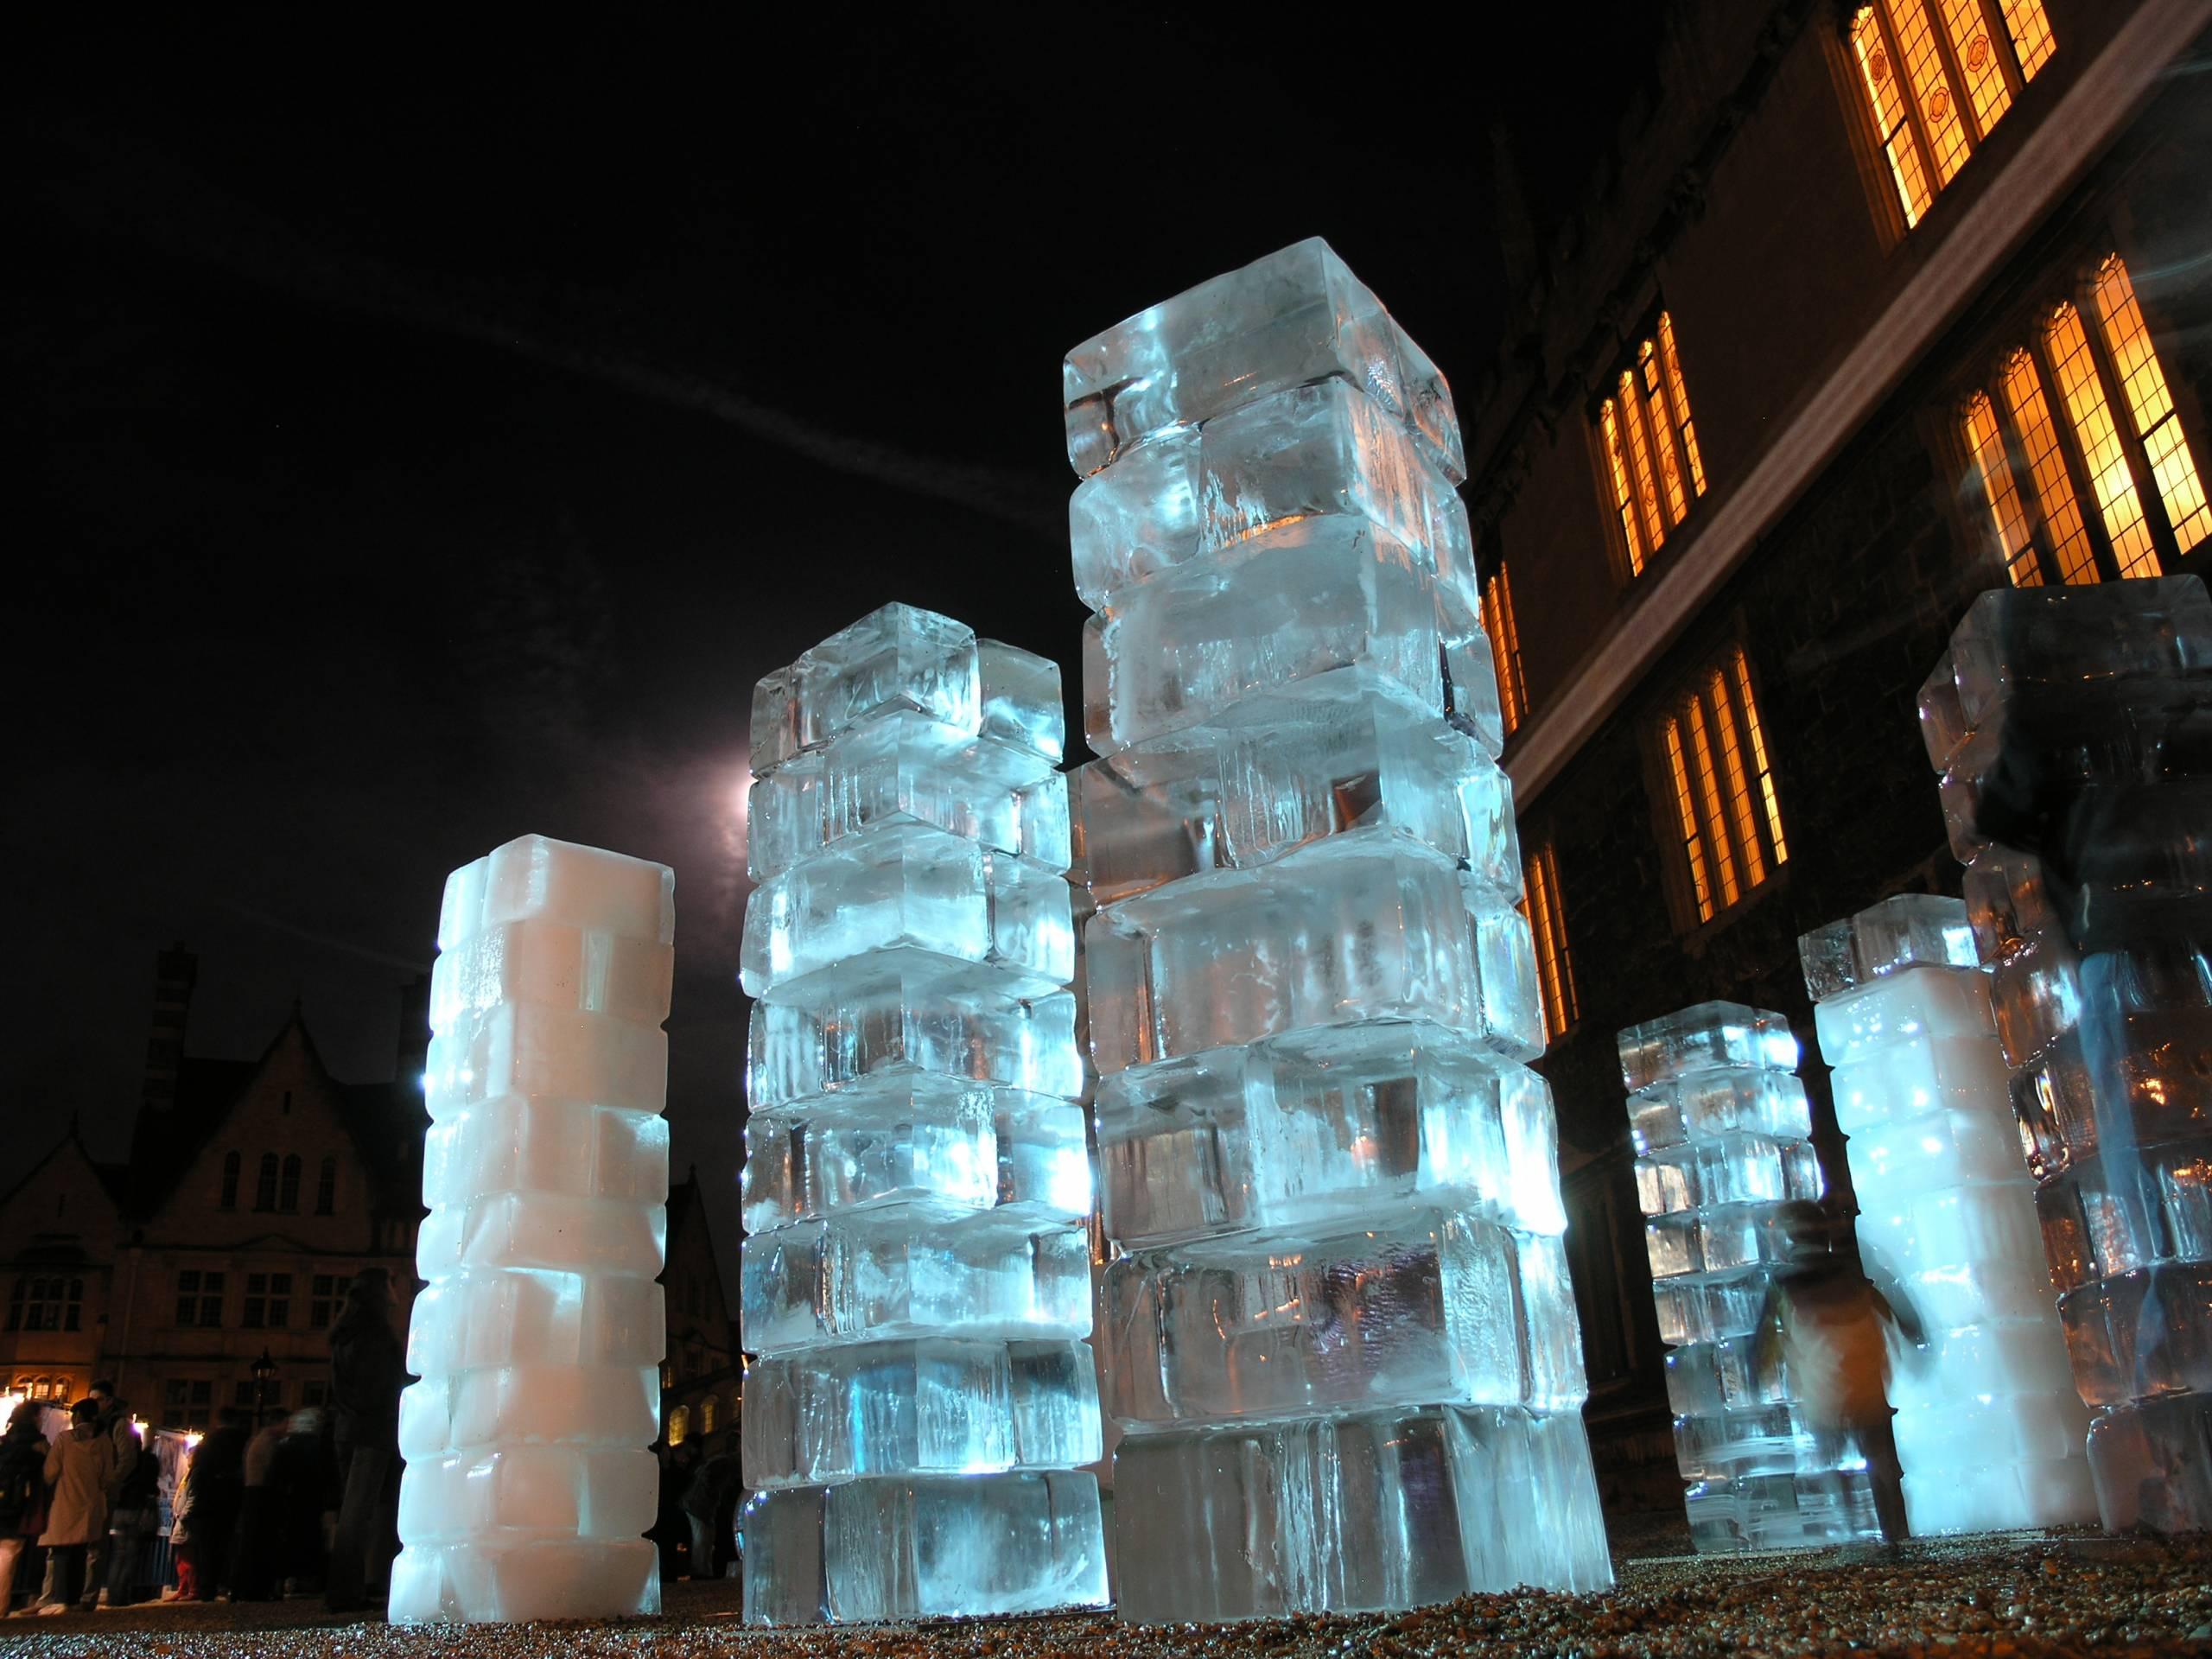 ice sculpture installation